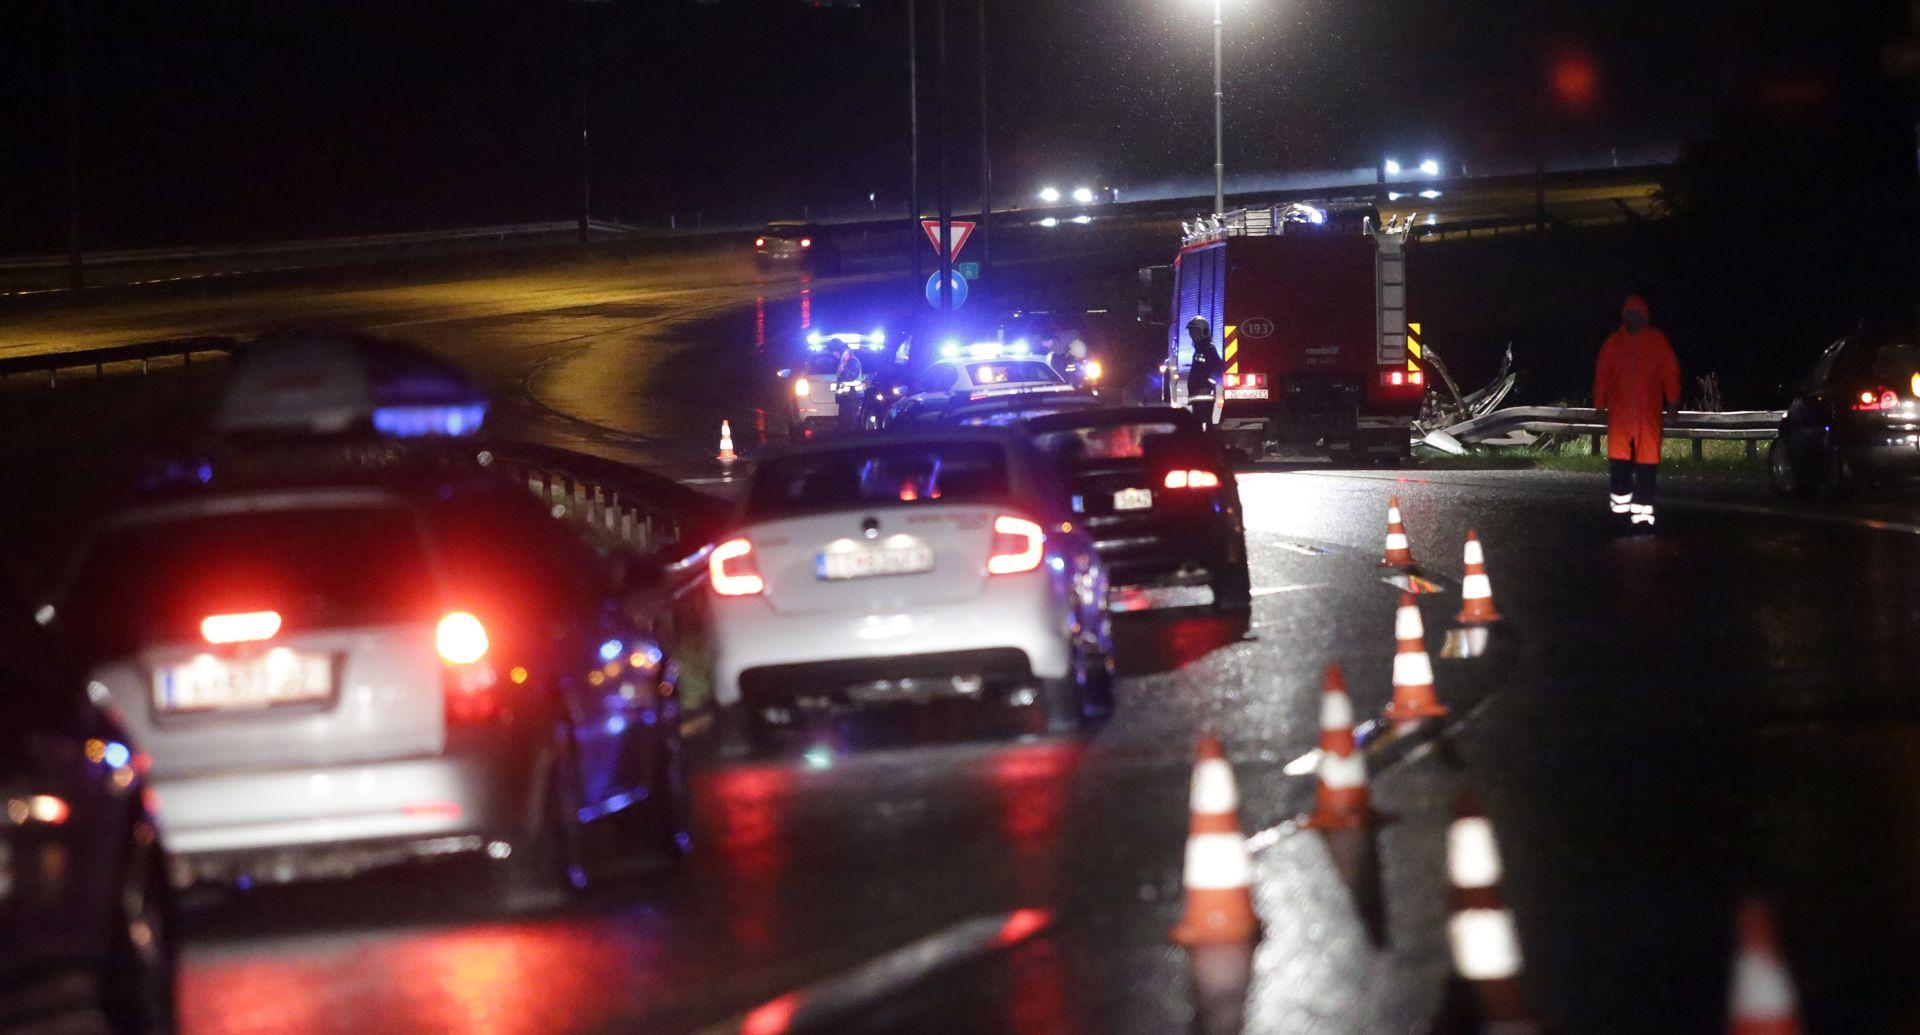 TEŠKA PROMETNA NA JANKOMIRU Automobil se zabio u rasvjetni stup, poginule dvije osobe